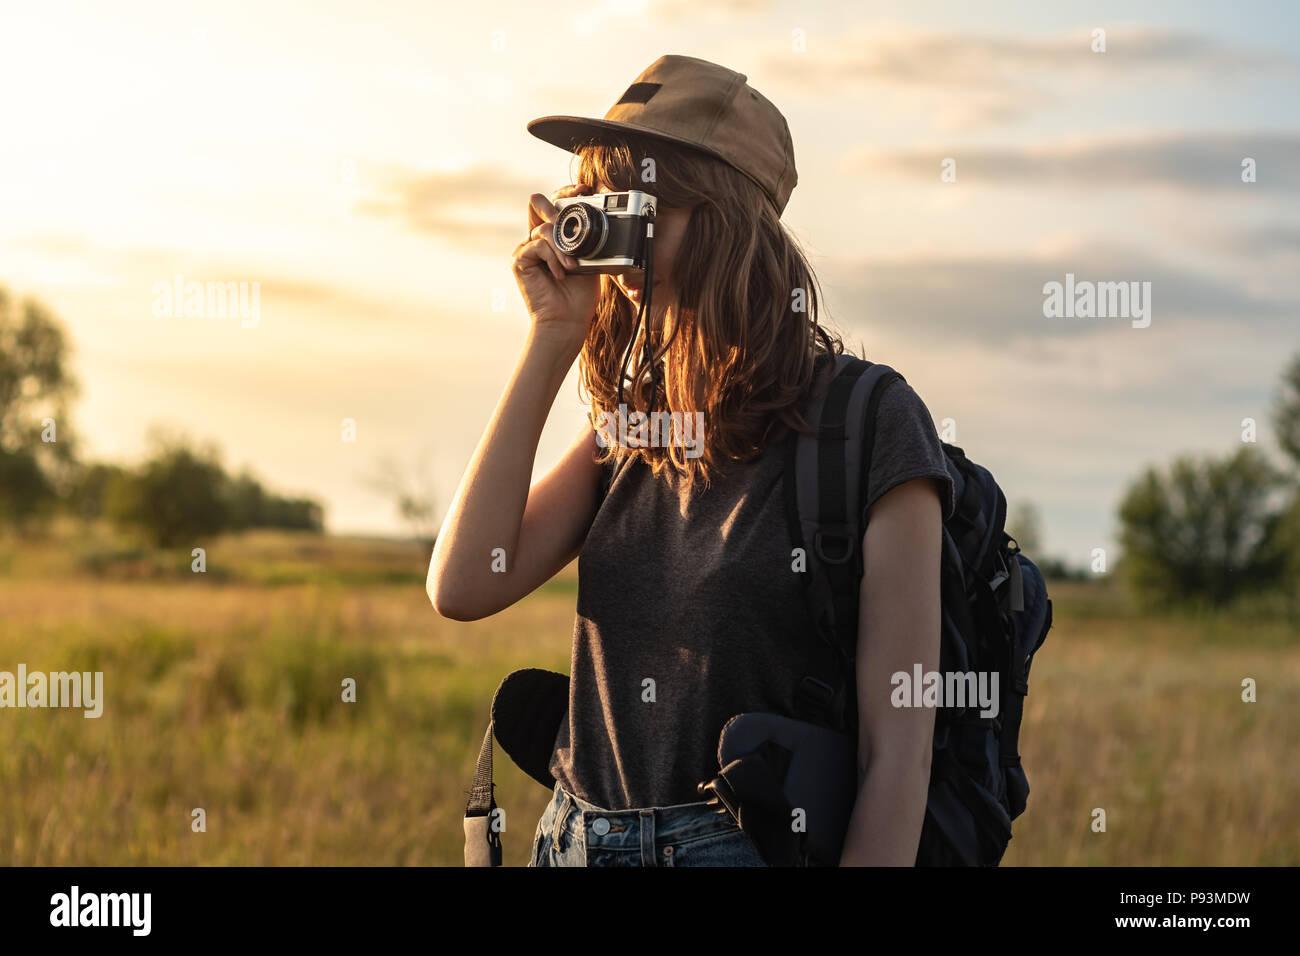 Junge weibliche Tourist, Foto bei Wanderung. Frau mit Rucksack steht bei Sonnenuntergang und Fotografien schöne ländliche Gegend Stockbild